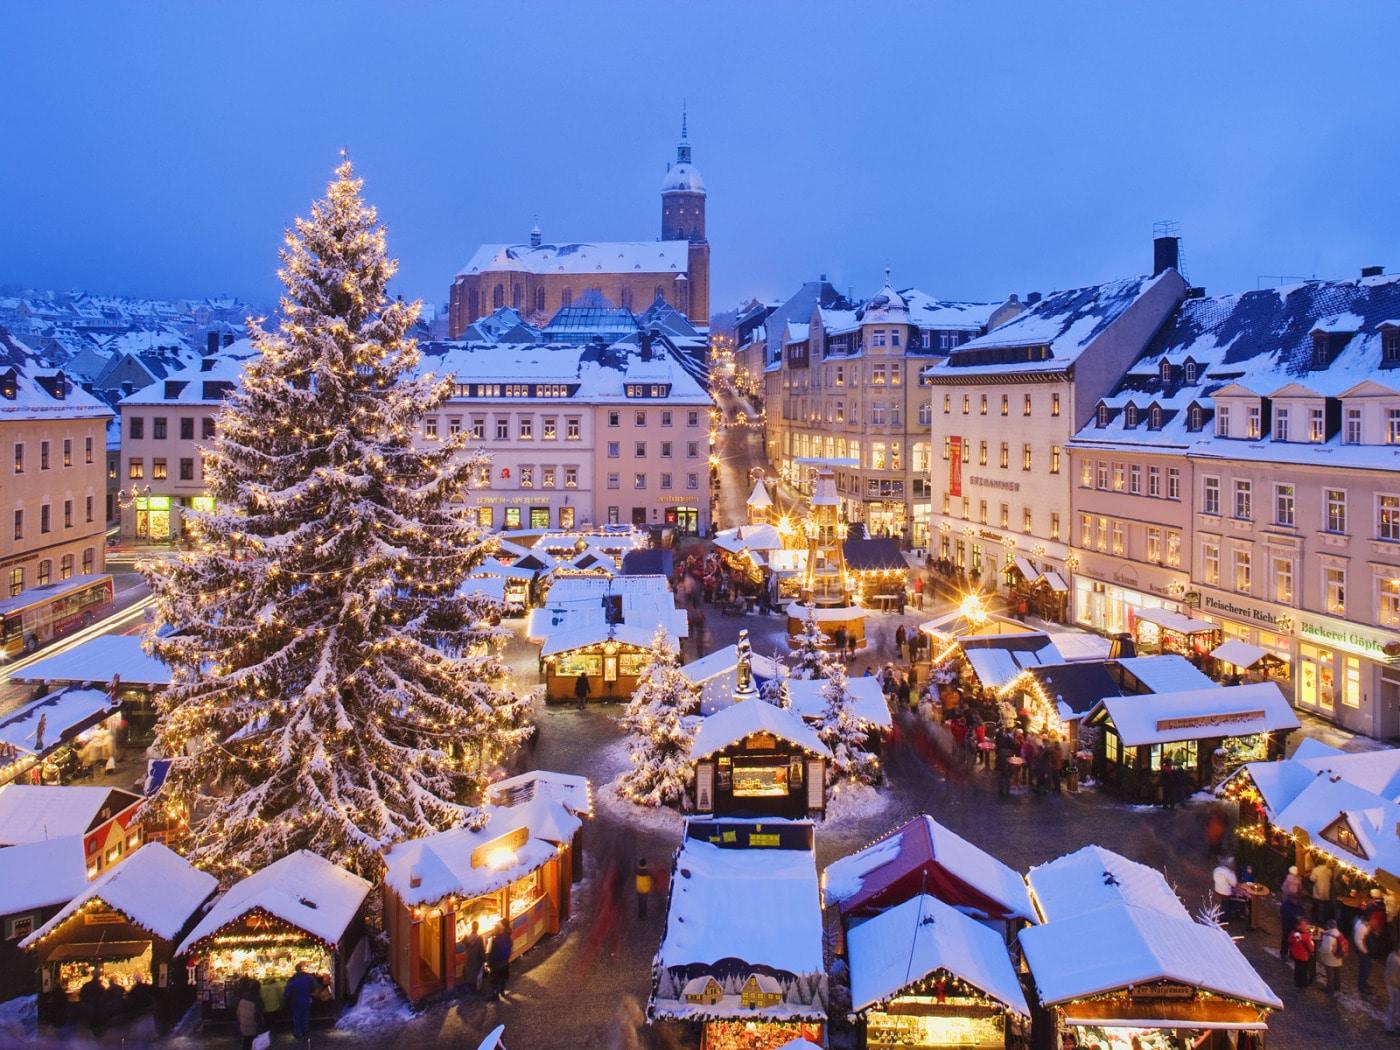 Piața de Crăciun este o încântare pentru turiști